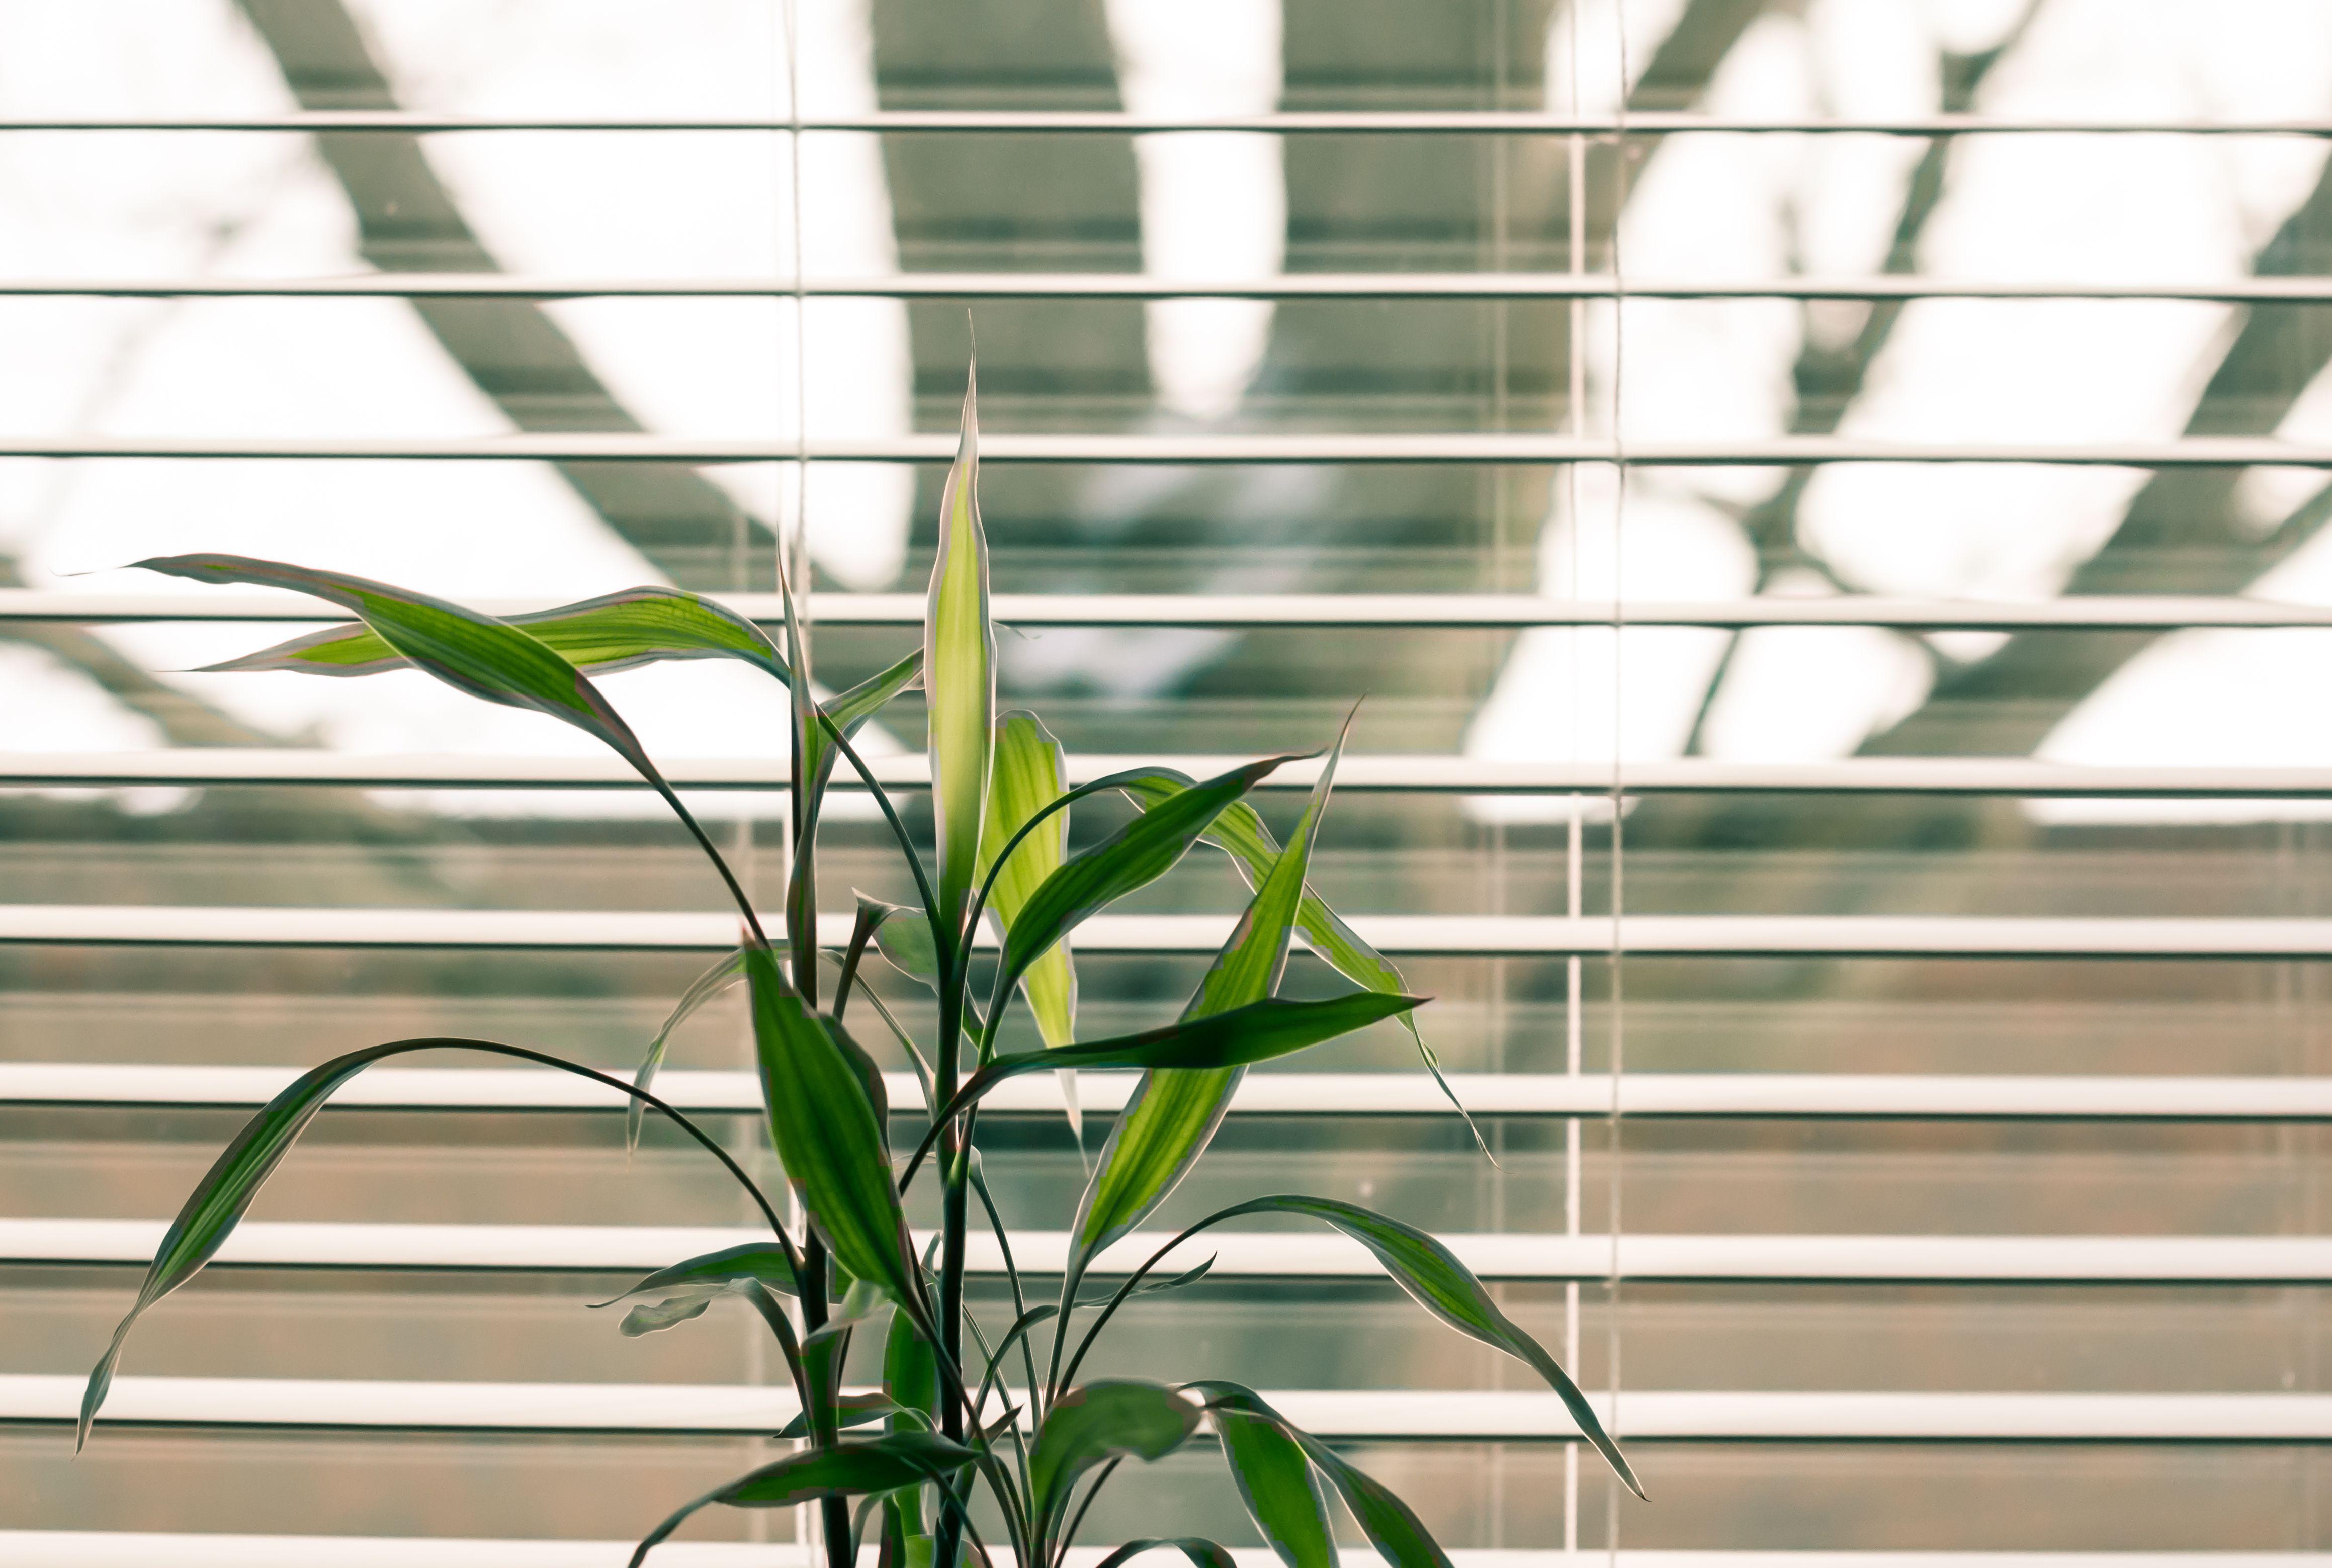 maatregelen energiebesparing op kantoor